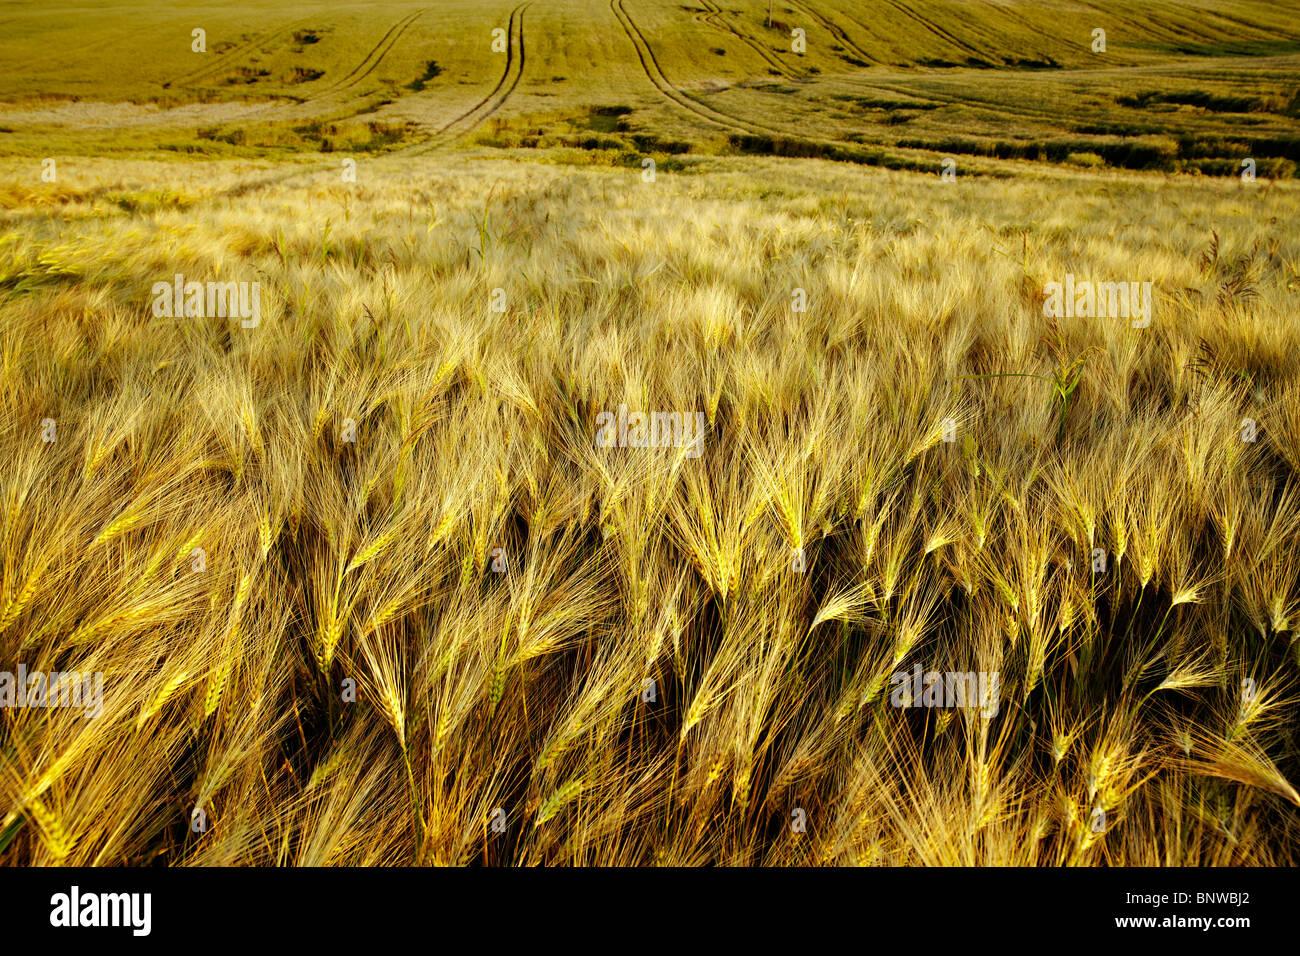 Campo di mais nel bel mezzo dell'estate Immagini Stock